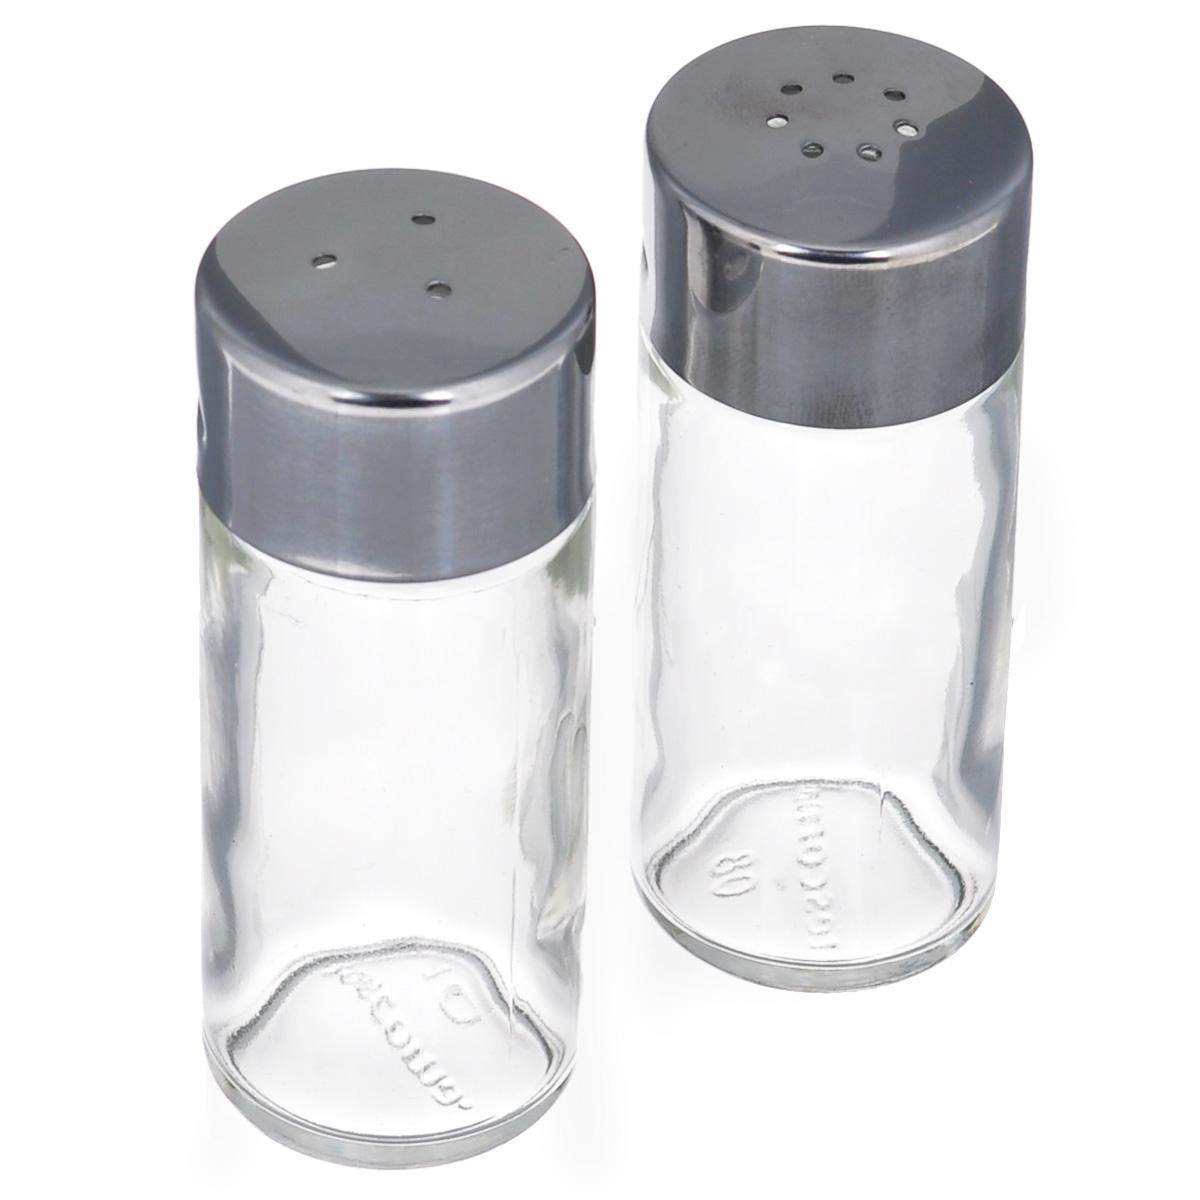 Набор для специй Tescoma Club, 2 предмета115510Набор Tescoma Club, состоящий из солонки и перечницы, изготовлен из первоклассной нержавеющей стали и стекла. Солонка и перечница легки в использовании: стоит только перевернуть емкости, и вы с легкостью сможете поперчить или добавить соль по вкусу в любое блюдо. Дизайн, эстетичность и функциональность набора позволят ему стать достойным дополнением к кухонному инвентарю.